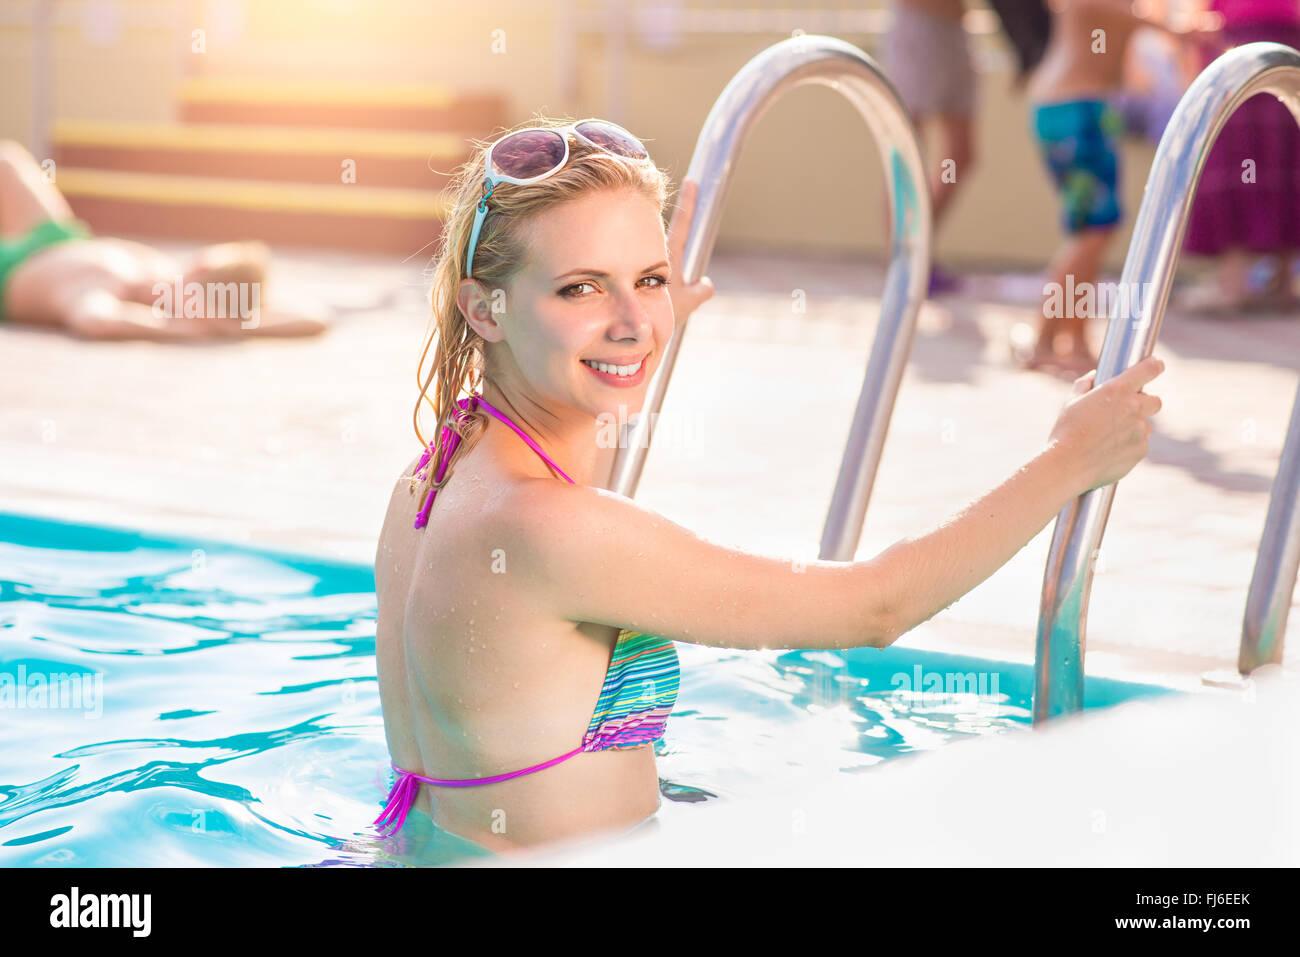 Woman in bikini standing on the pool stairs - Stock Image